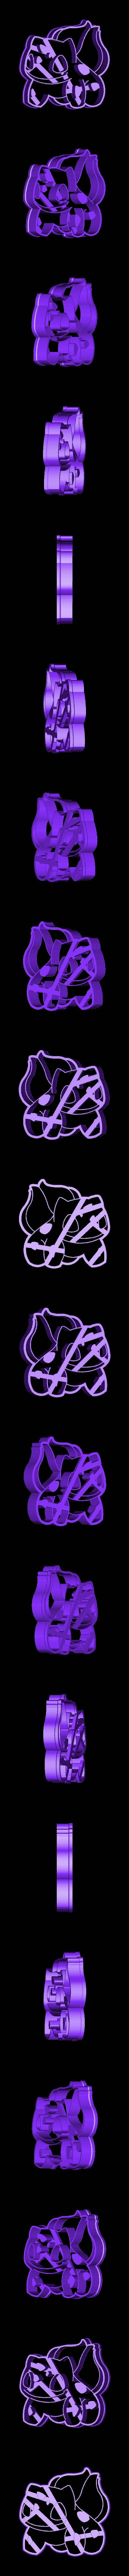 3D-01049 - BULBASAUR COOKIE CUTTER.stl Télécharger fichier STL Coupe-biscuits Bulbasuar • Modèle pour impression 3D, 3DPrintersaur